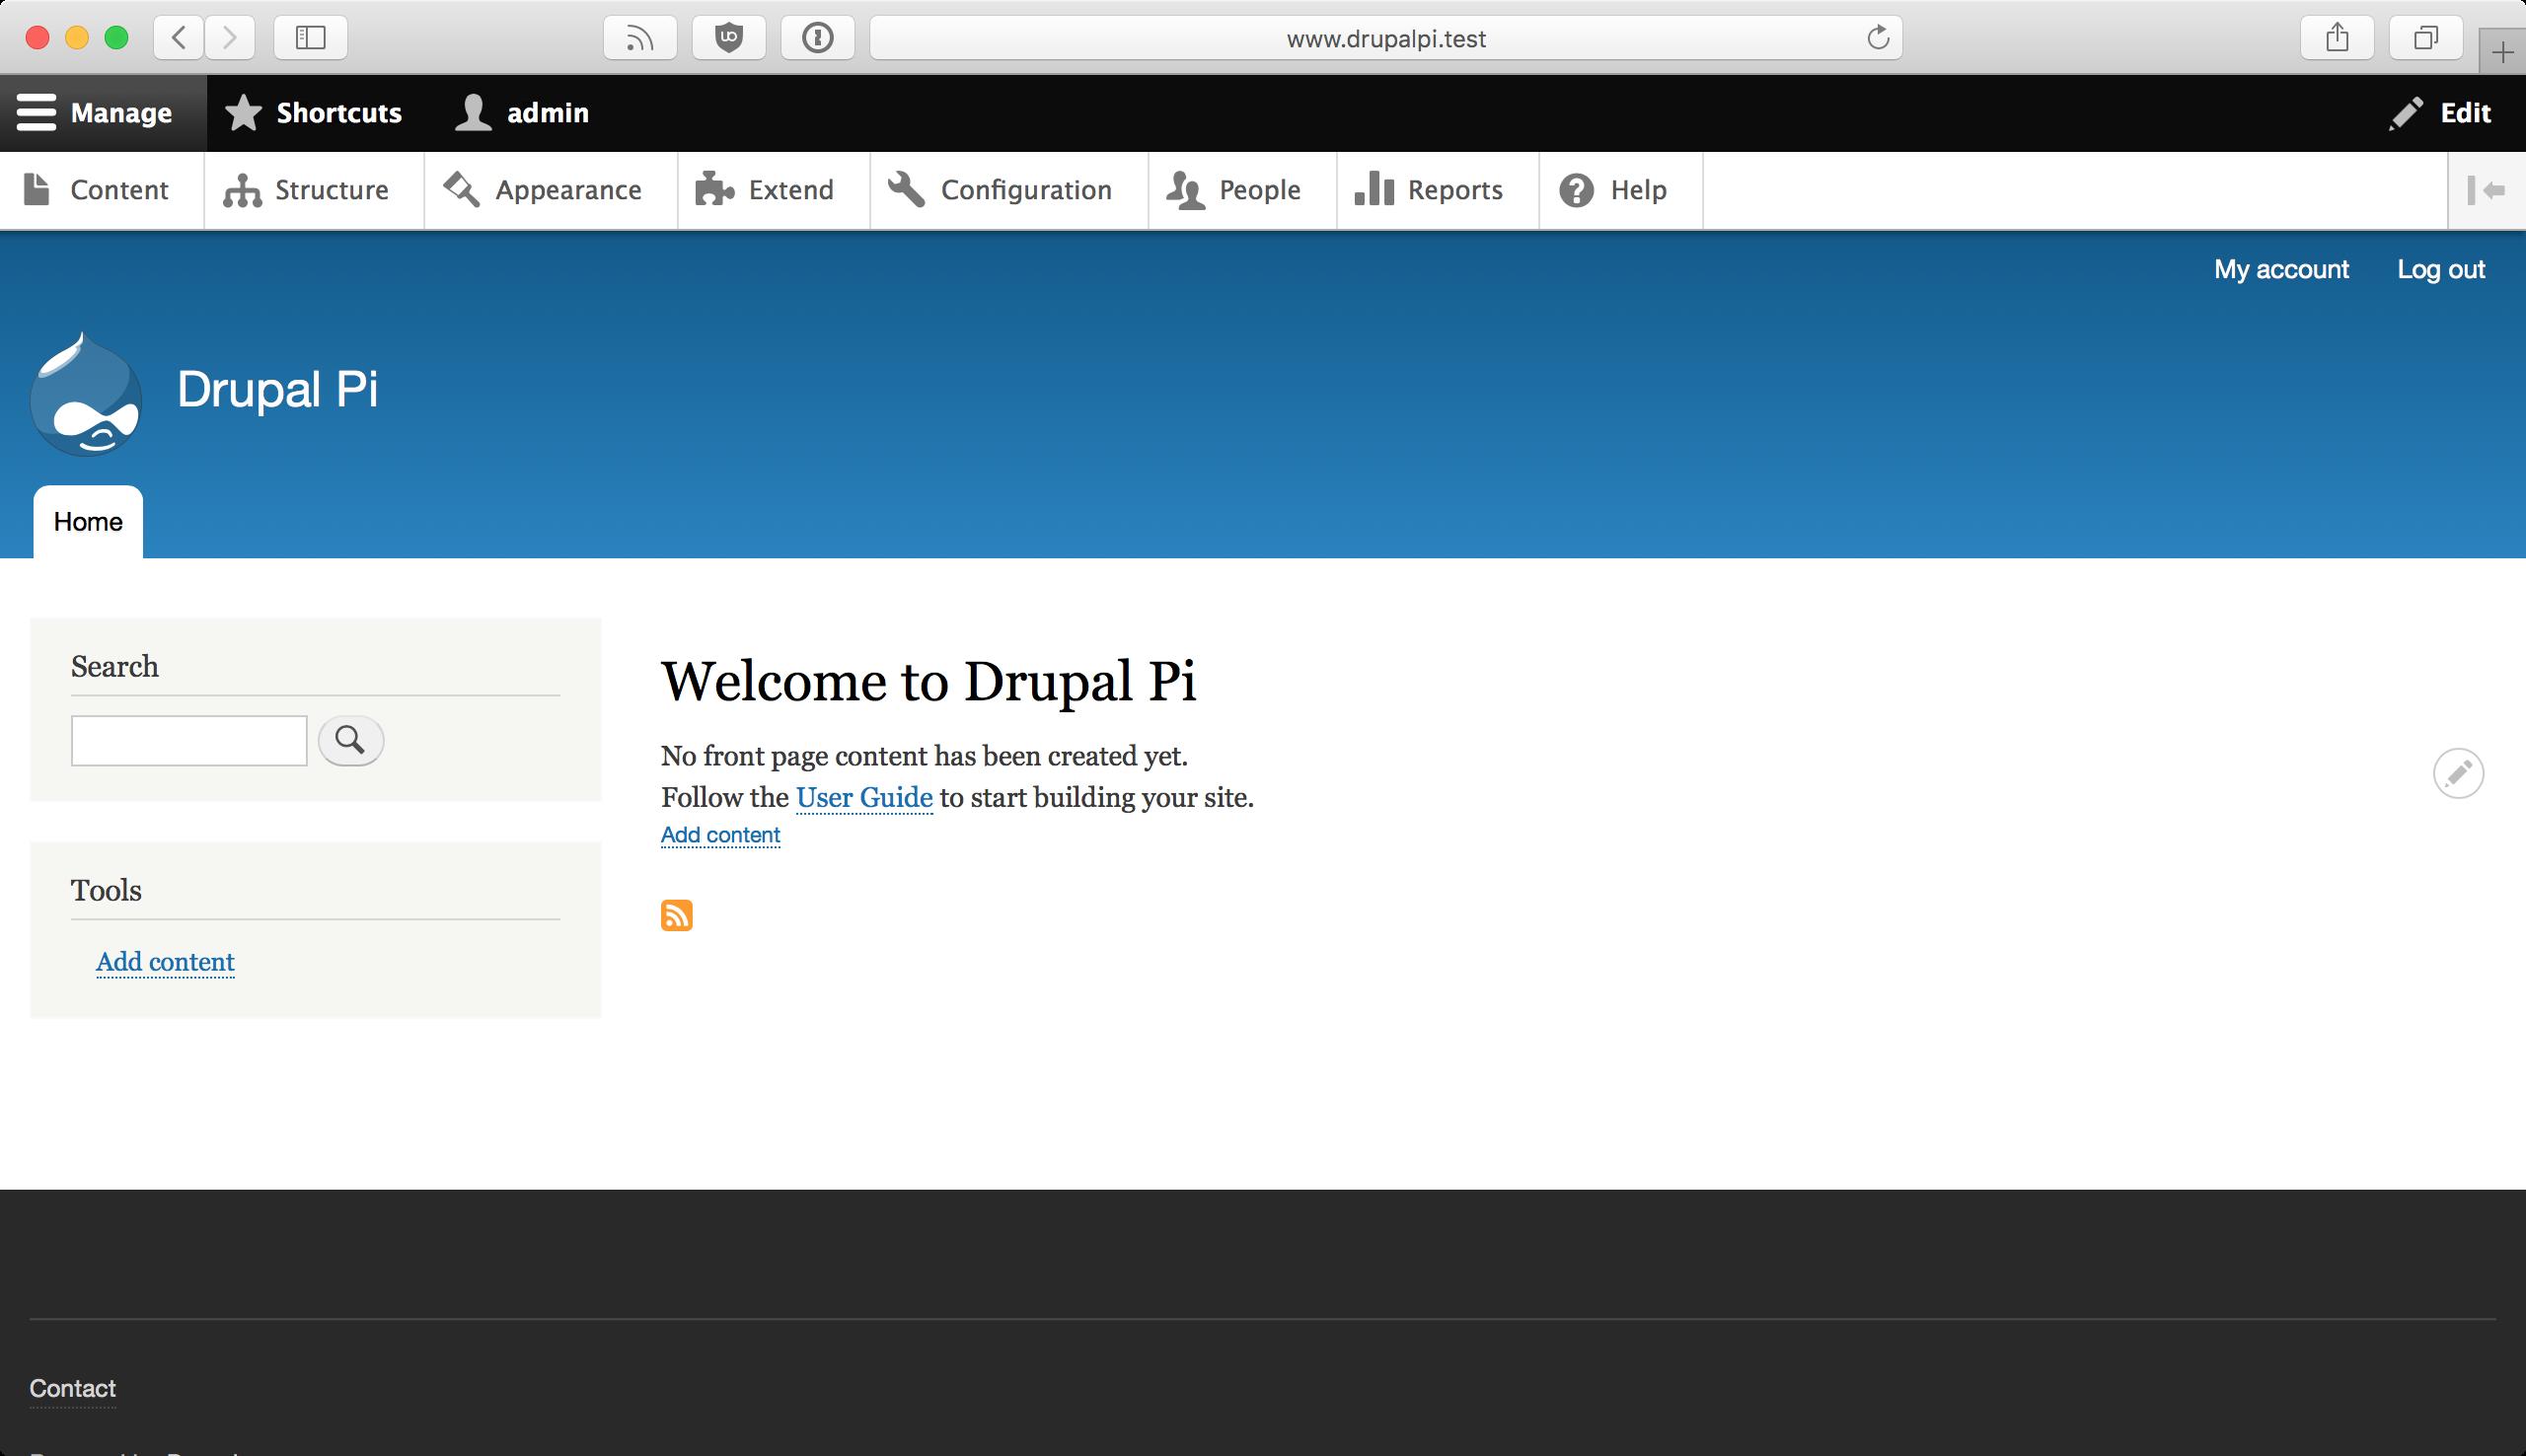 drupal-pi-running-asus-tinker-board